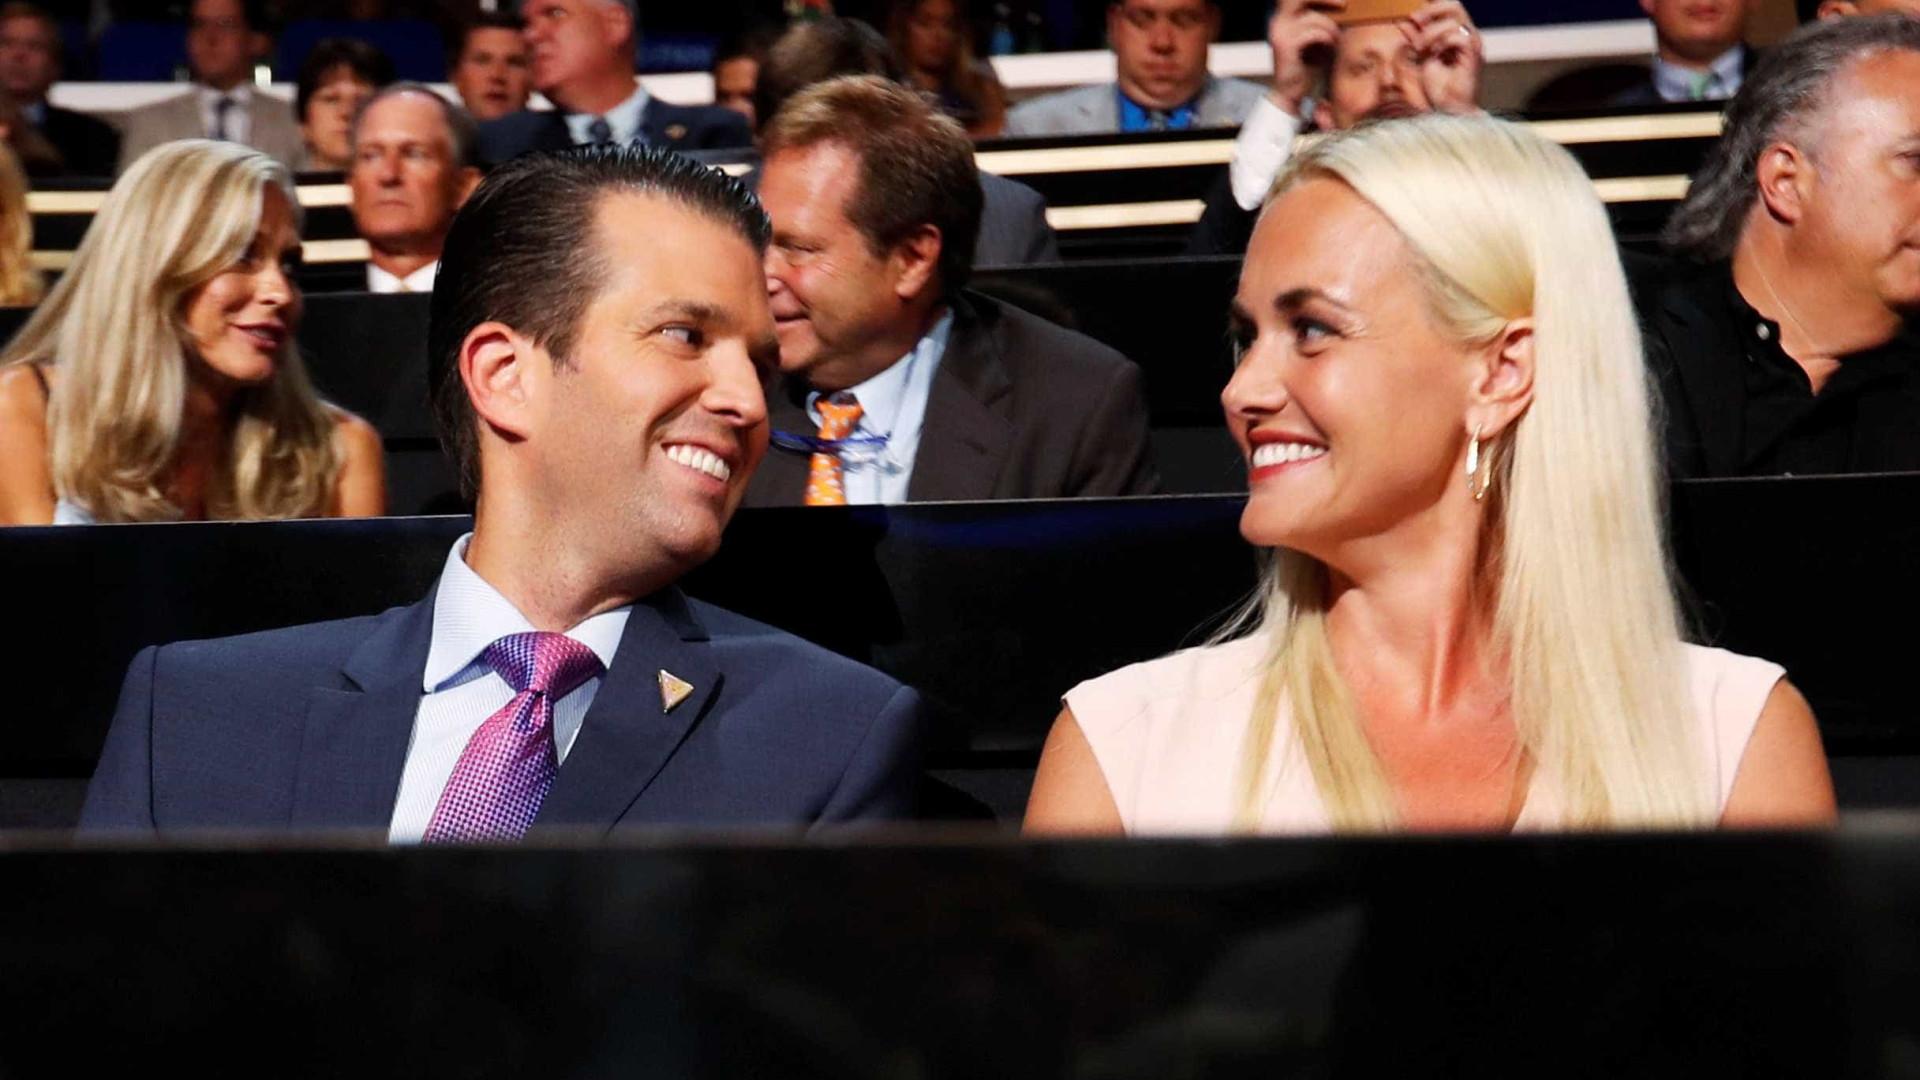 Mulher de Donald Trump Jr. pede divórcio em Nova York